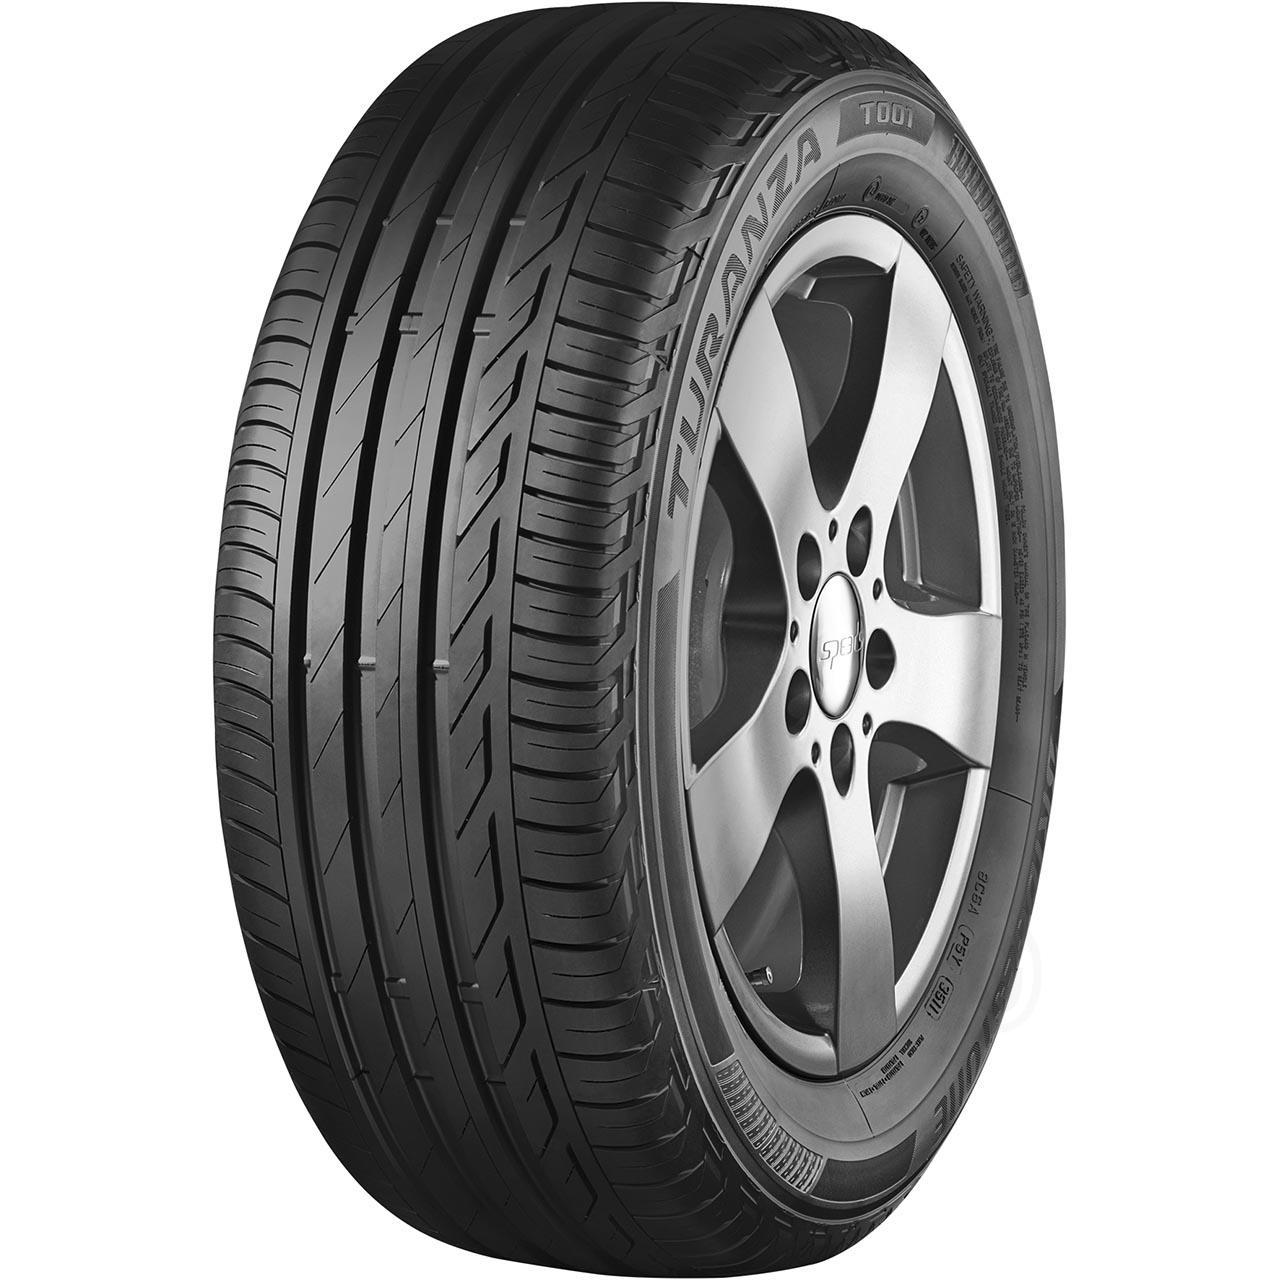 Bridgestone Turanza T001 215/50R18 92W AO